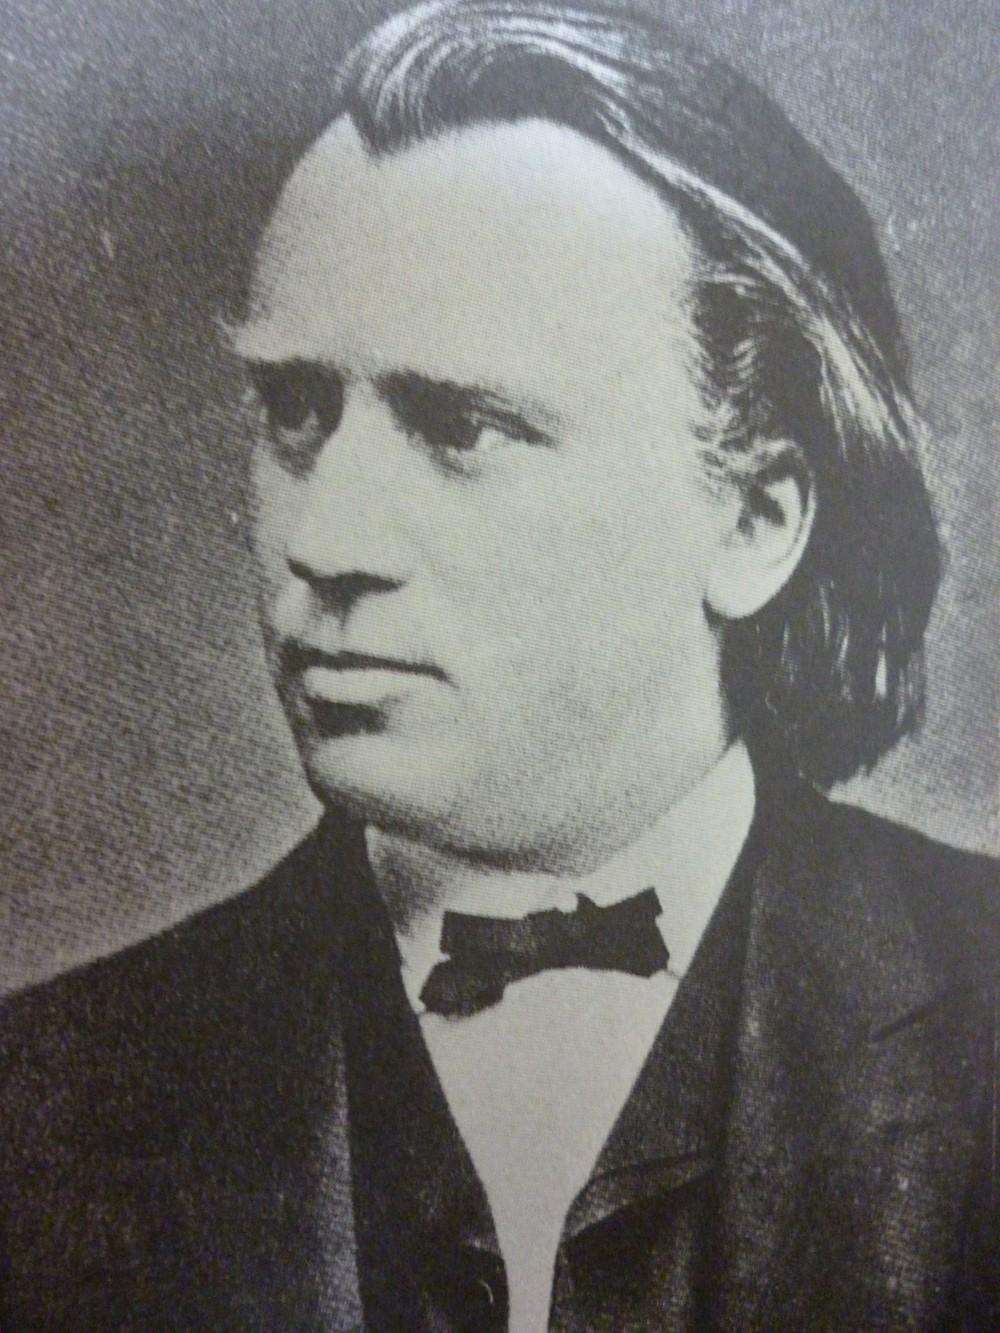 ブラームス唯一の「ピアノ五重奏曲」 「慎重な天才」ぶり味わえる傑作